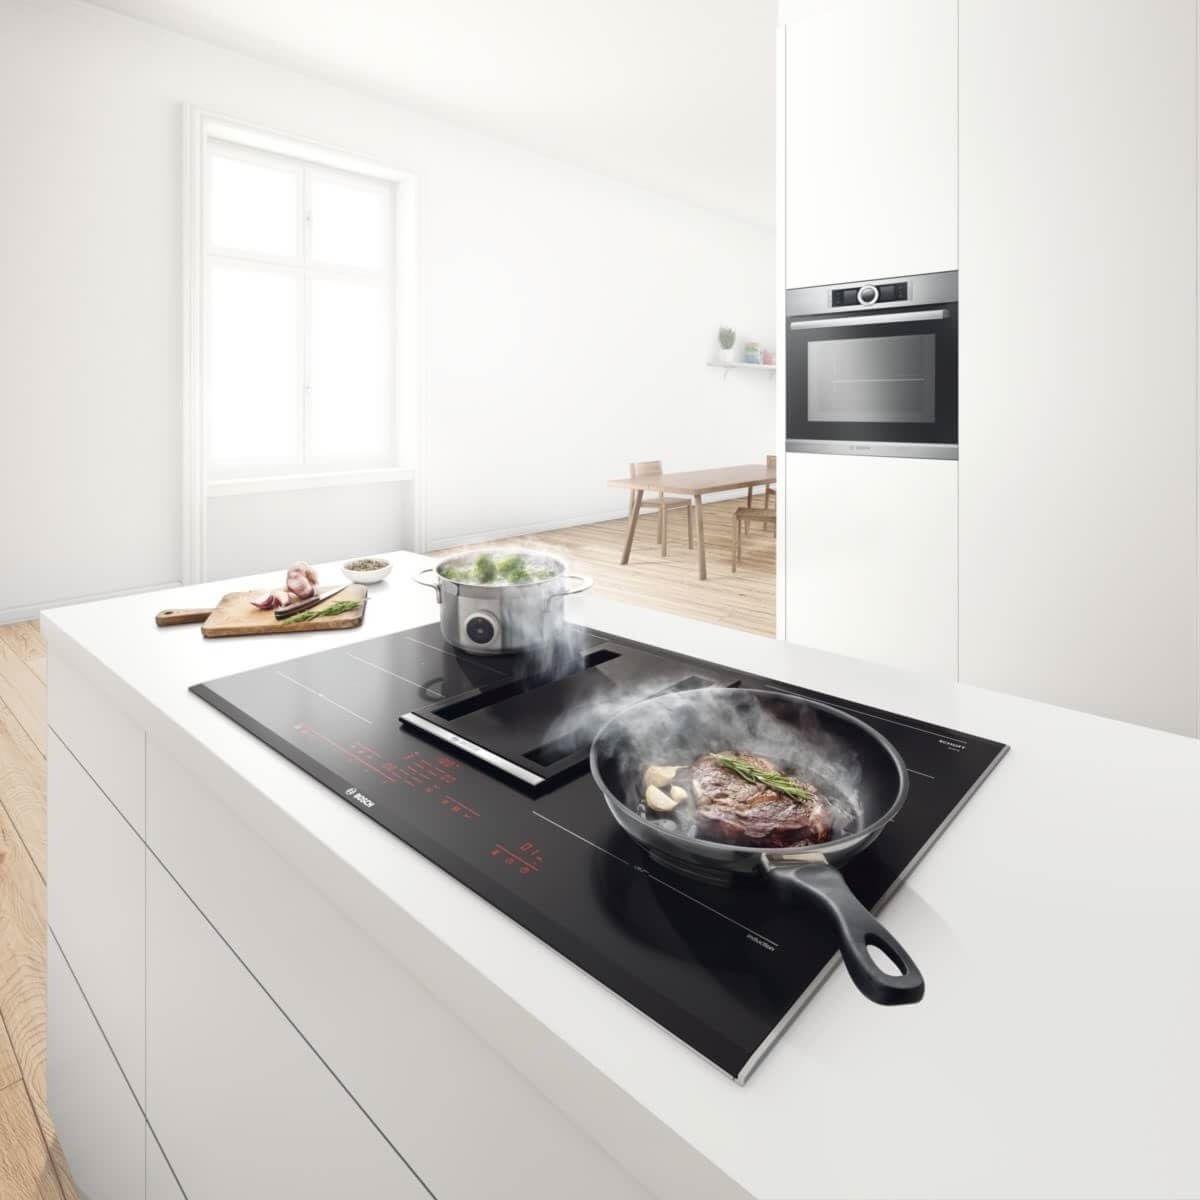 Bosch Kochfeld mit integriertem Dunstabzug: Preis, Leistung Bilder vom  neuen Bosch Kochfeldabzug - Küchenfinder | Kochfeldabzug, Dunstabzug, Küchen  design